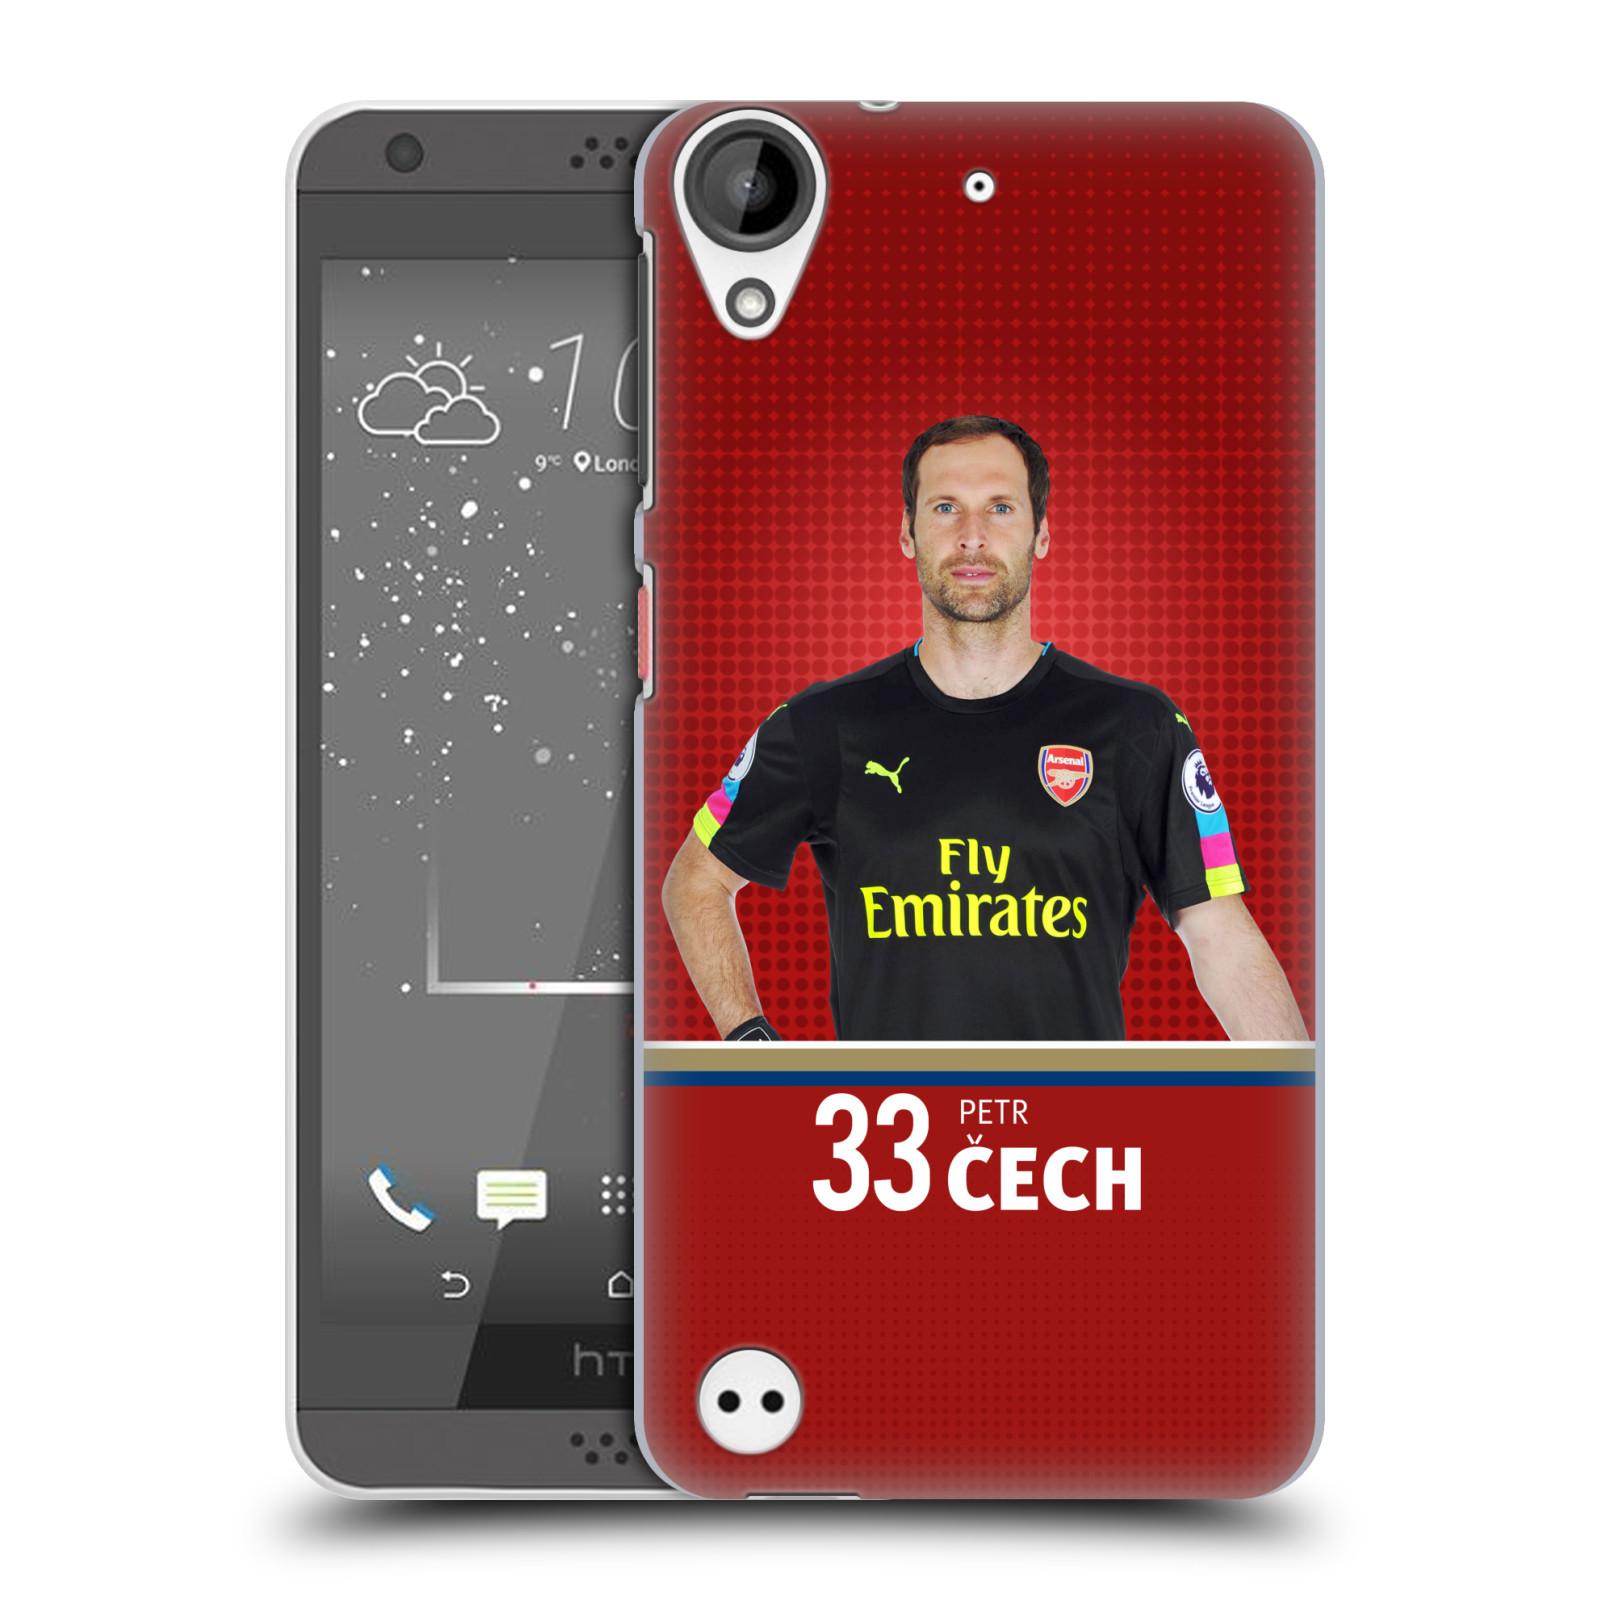 Plastové pouzdro na mobil HTC Desire 530 - Head Case - Arsenal FC - Petr Čech